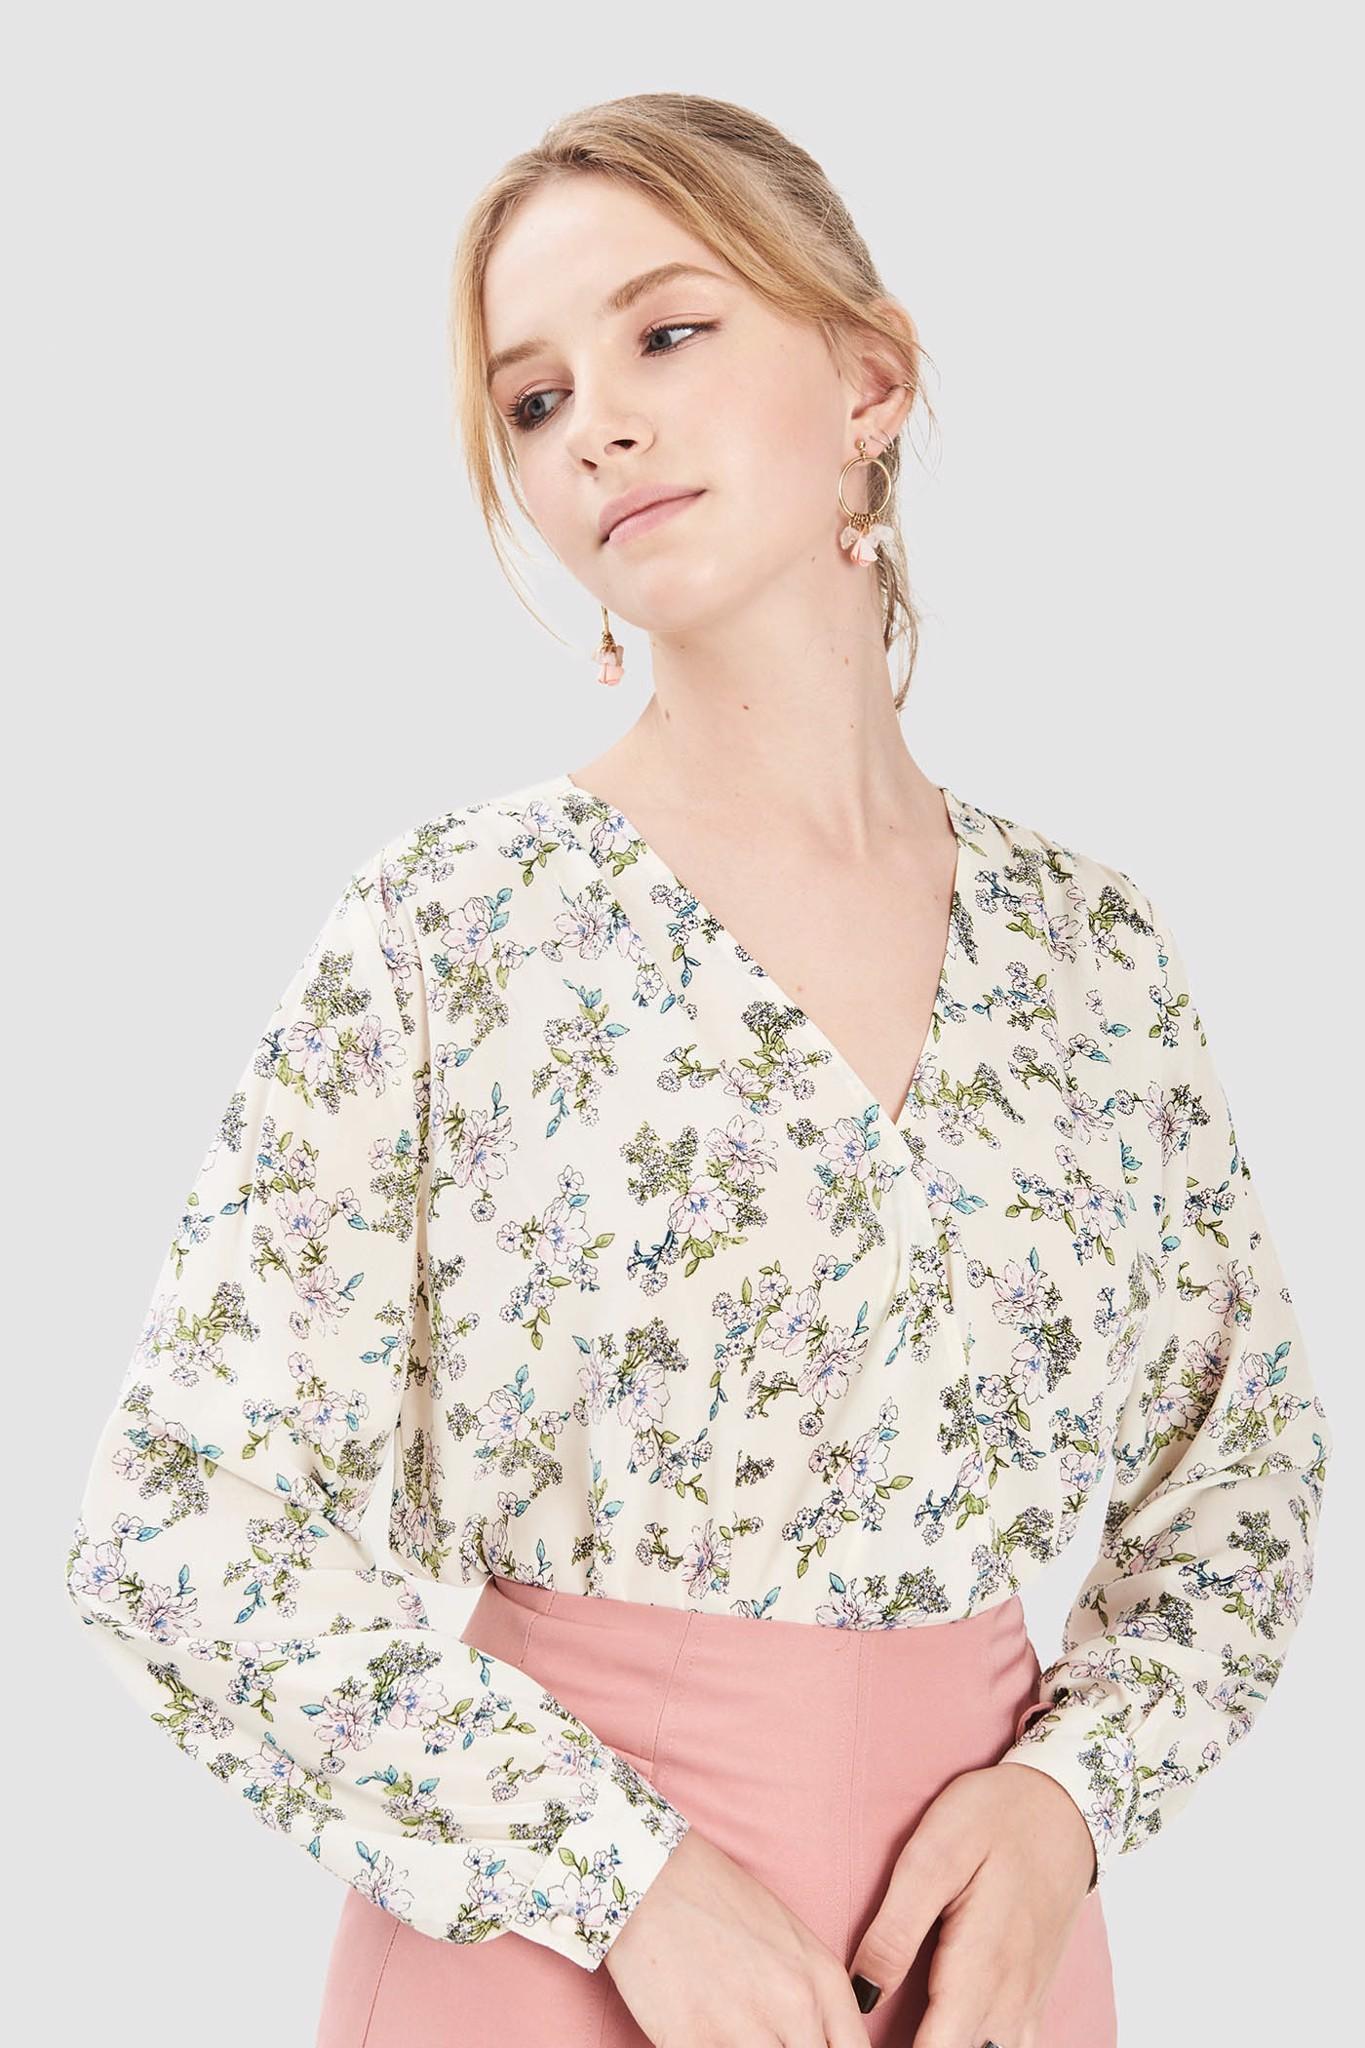 Áo kiểu đắp chéo họa tiết hoa